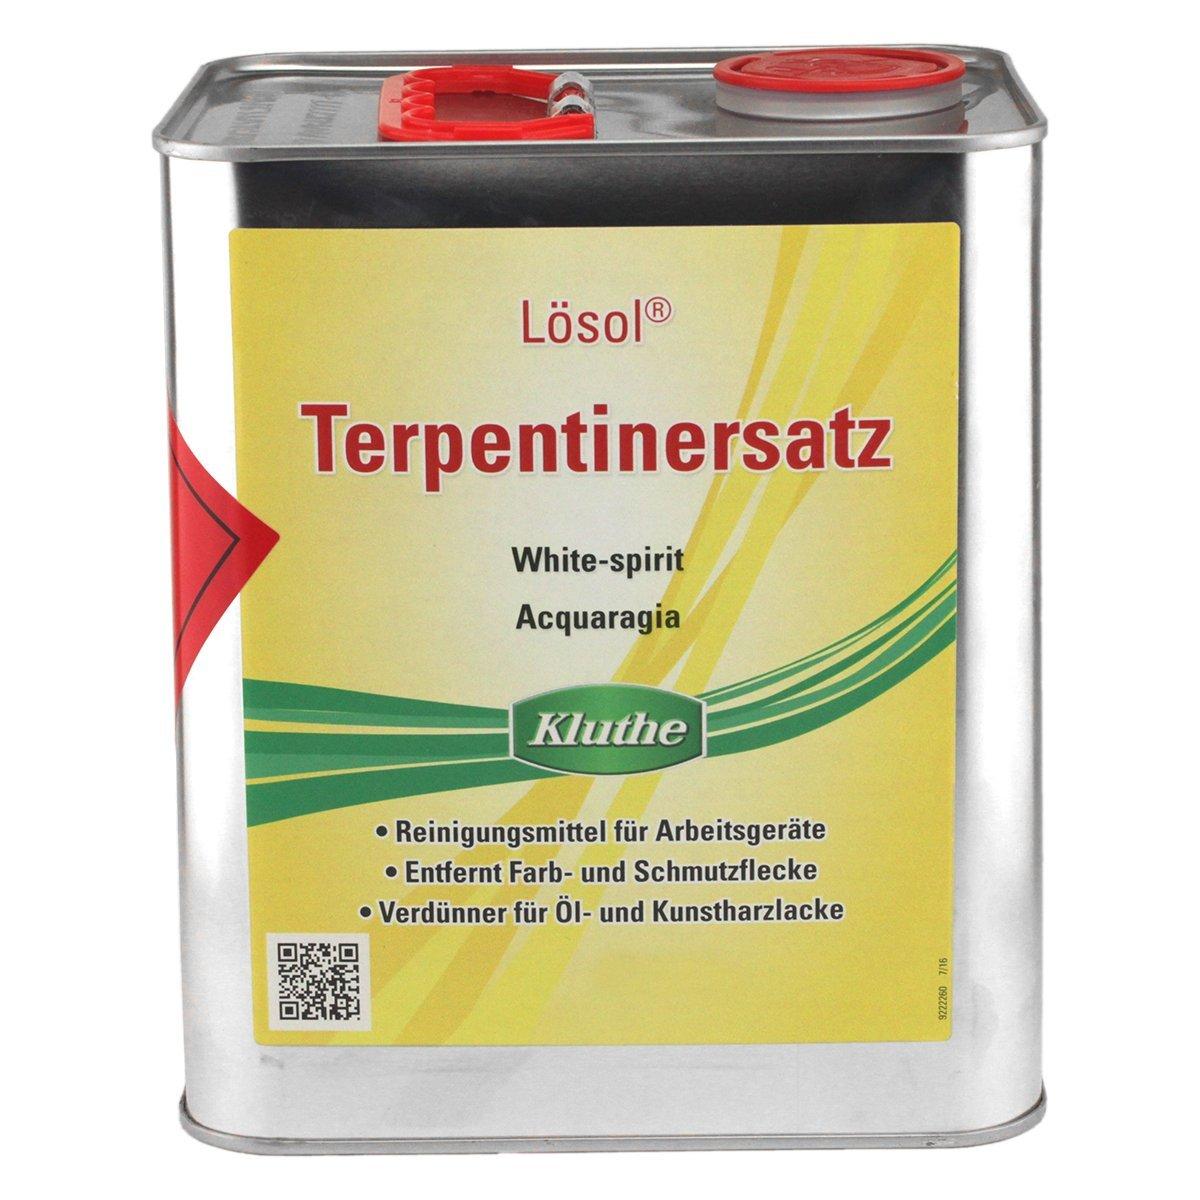 Kluthe Lö sol Terpentinersatz 3 Liter